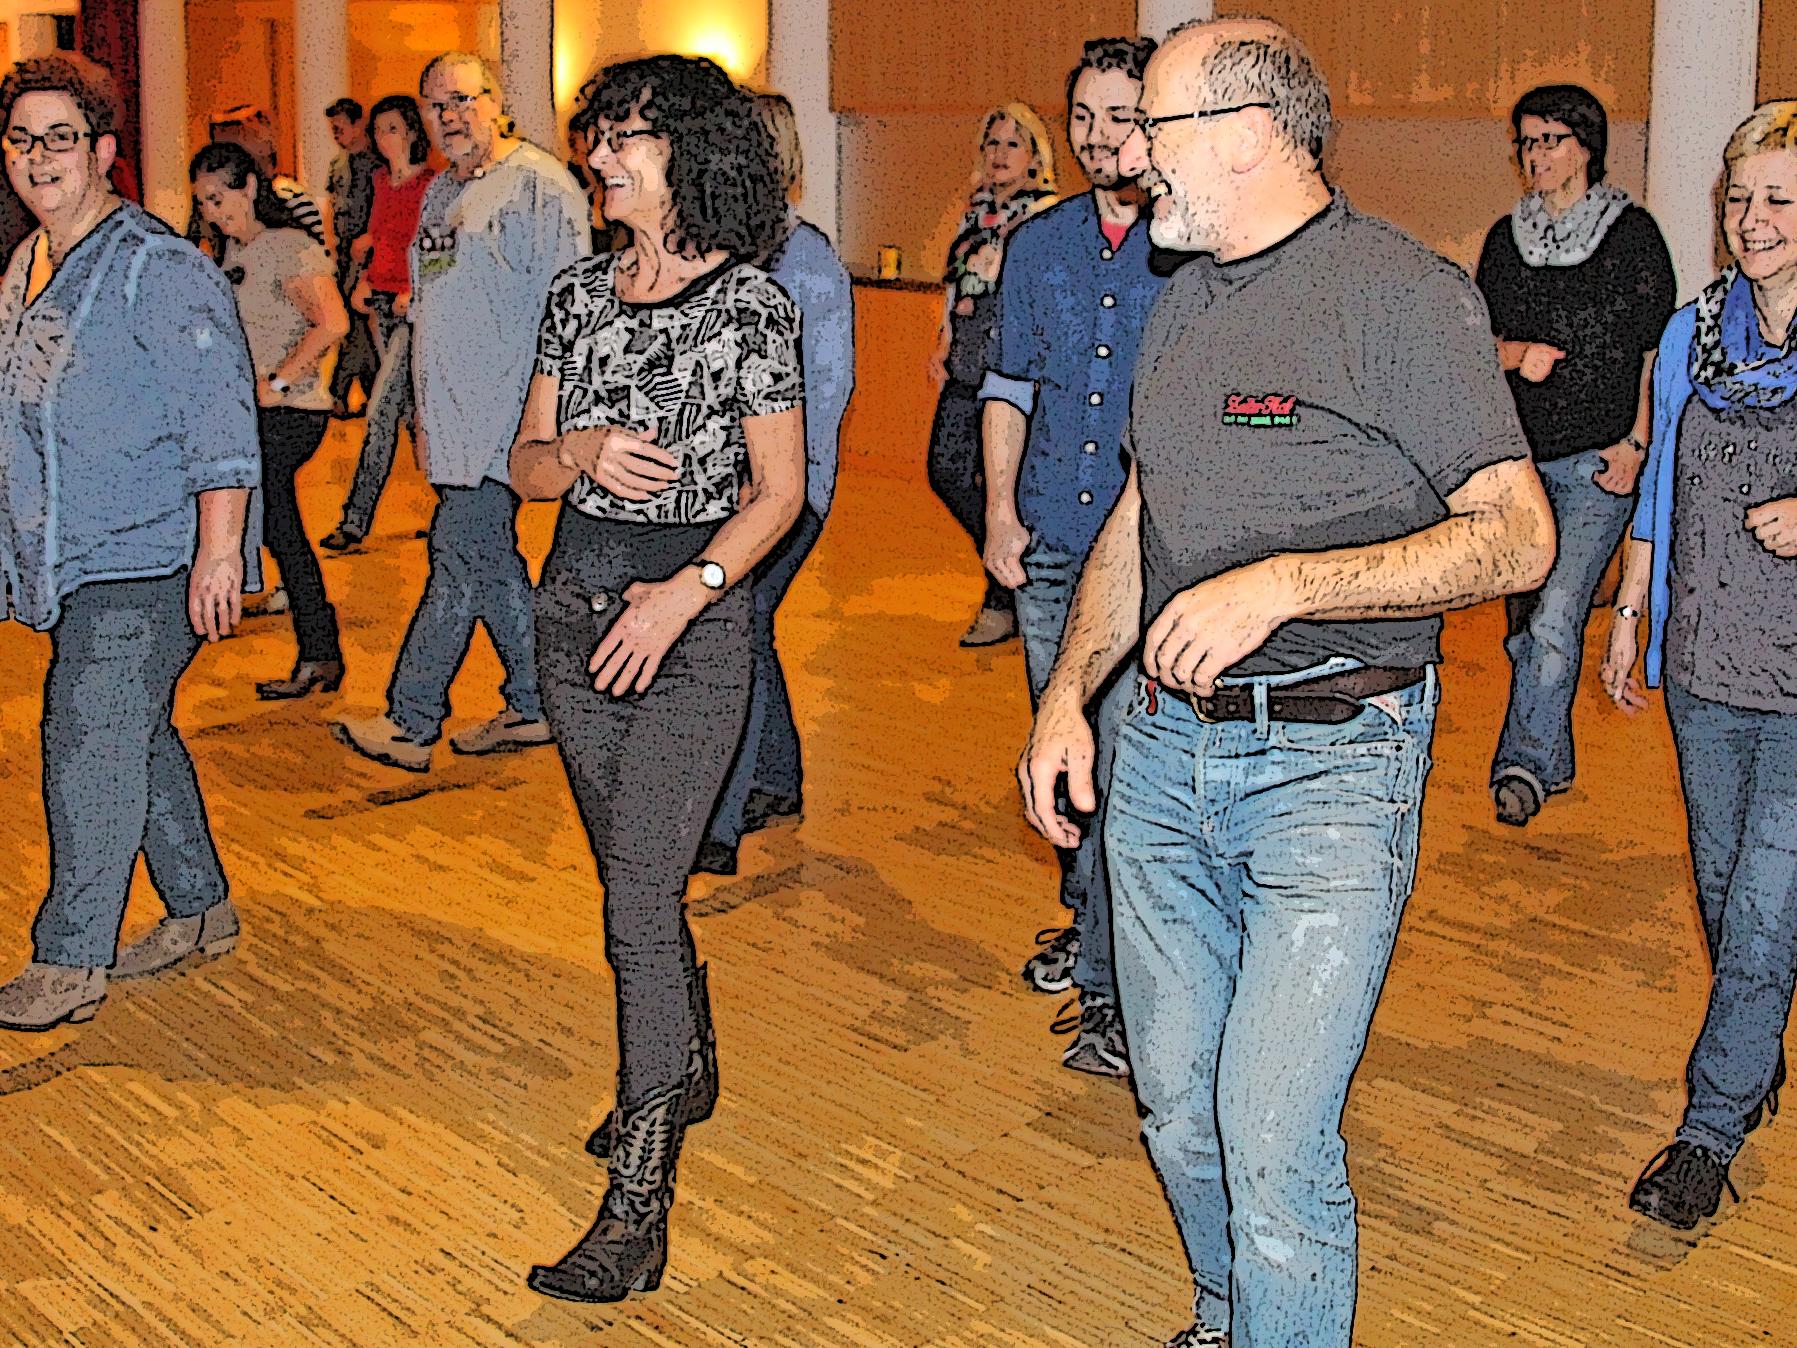 Tanzschule Hieble - Startseite - Tanzen fr Anfnger